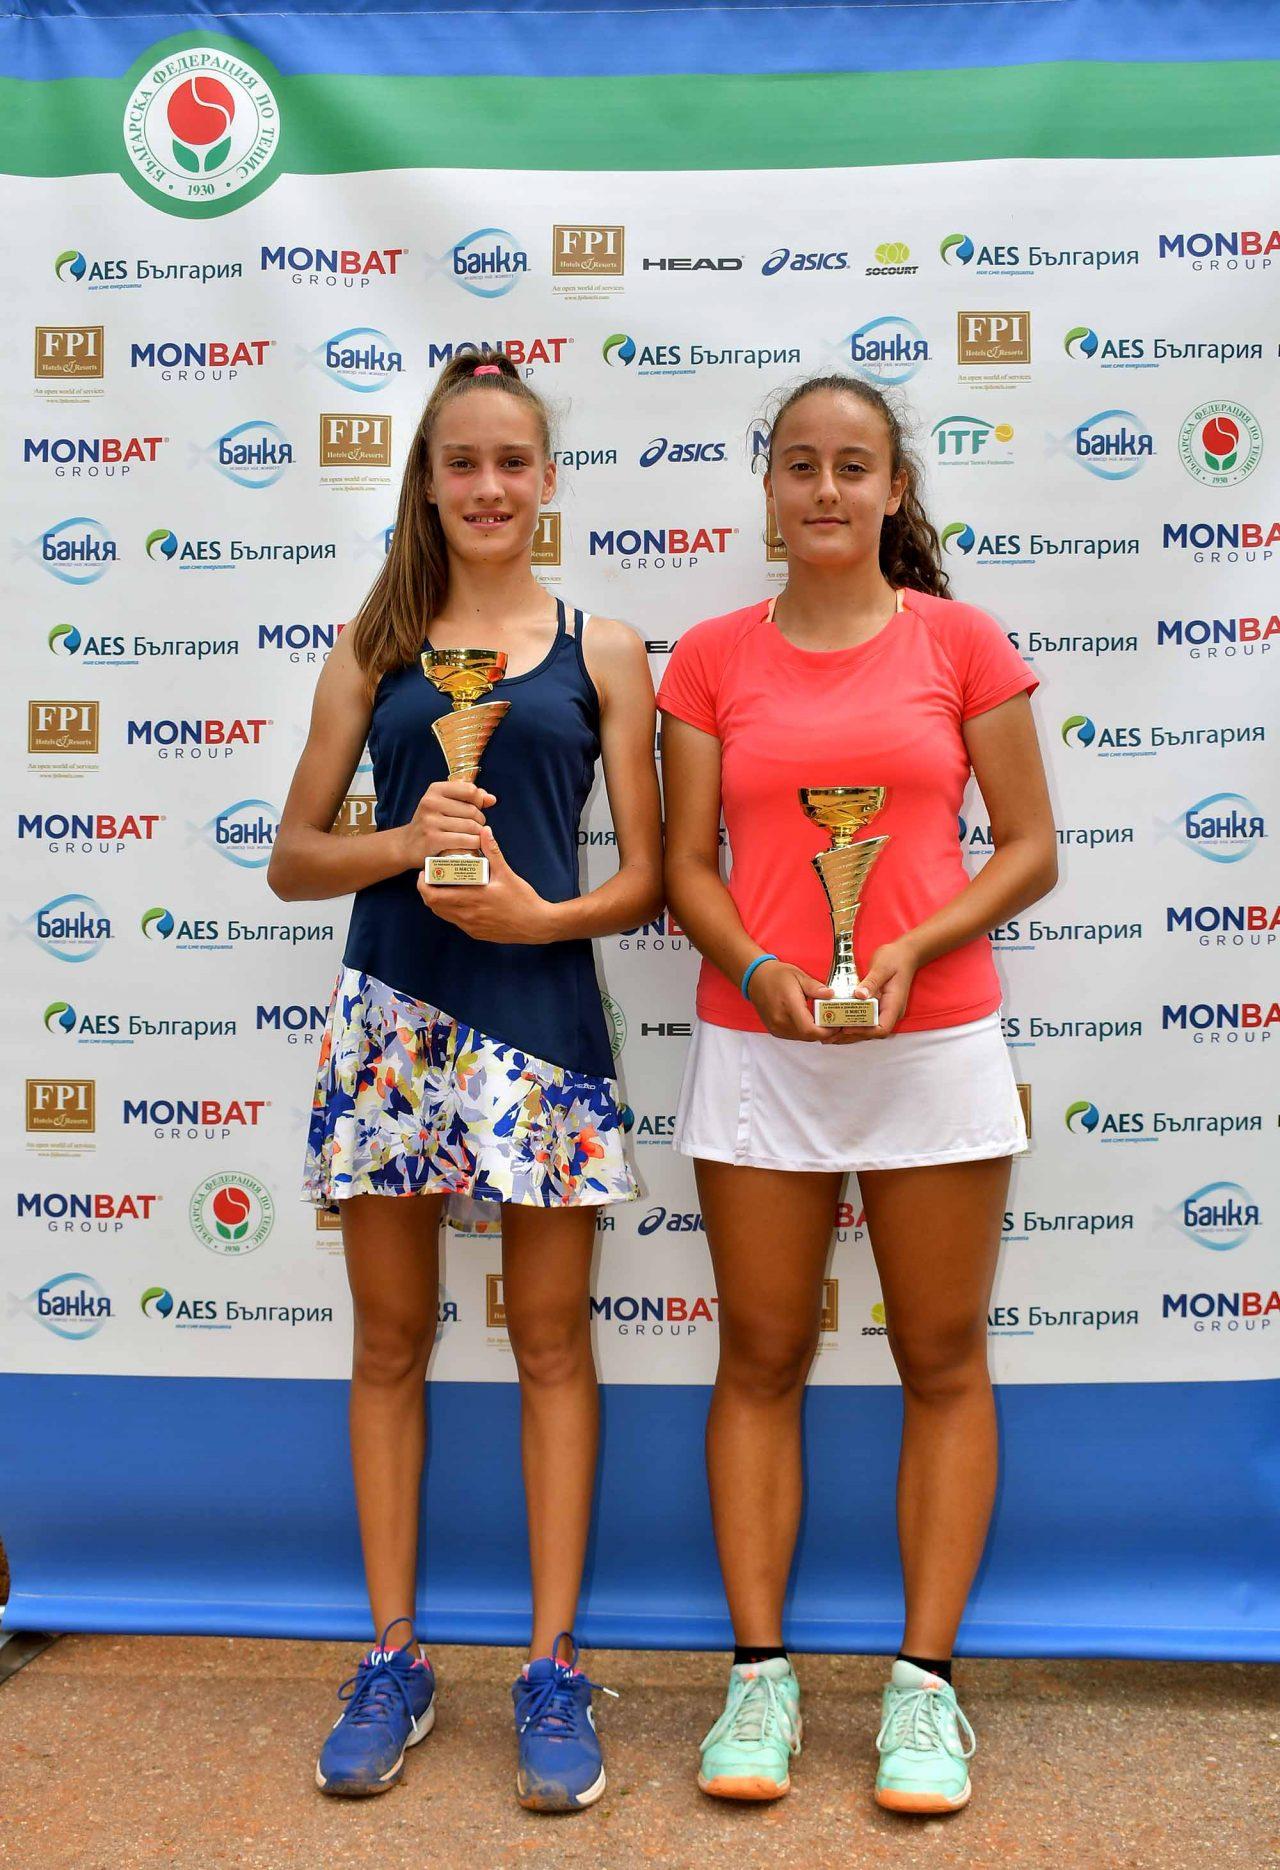 Държавно първенство тенис до 14 год. ТК 15-40 финал двойки (61)